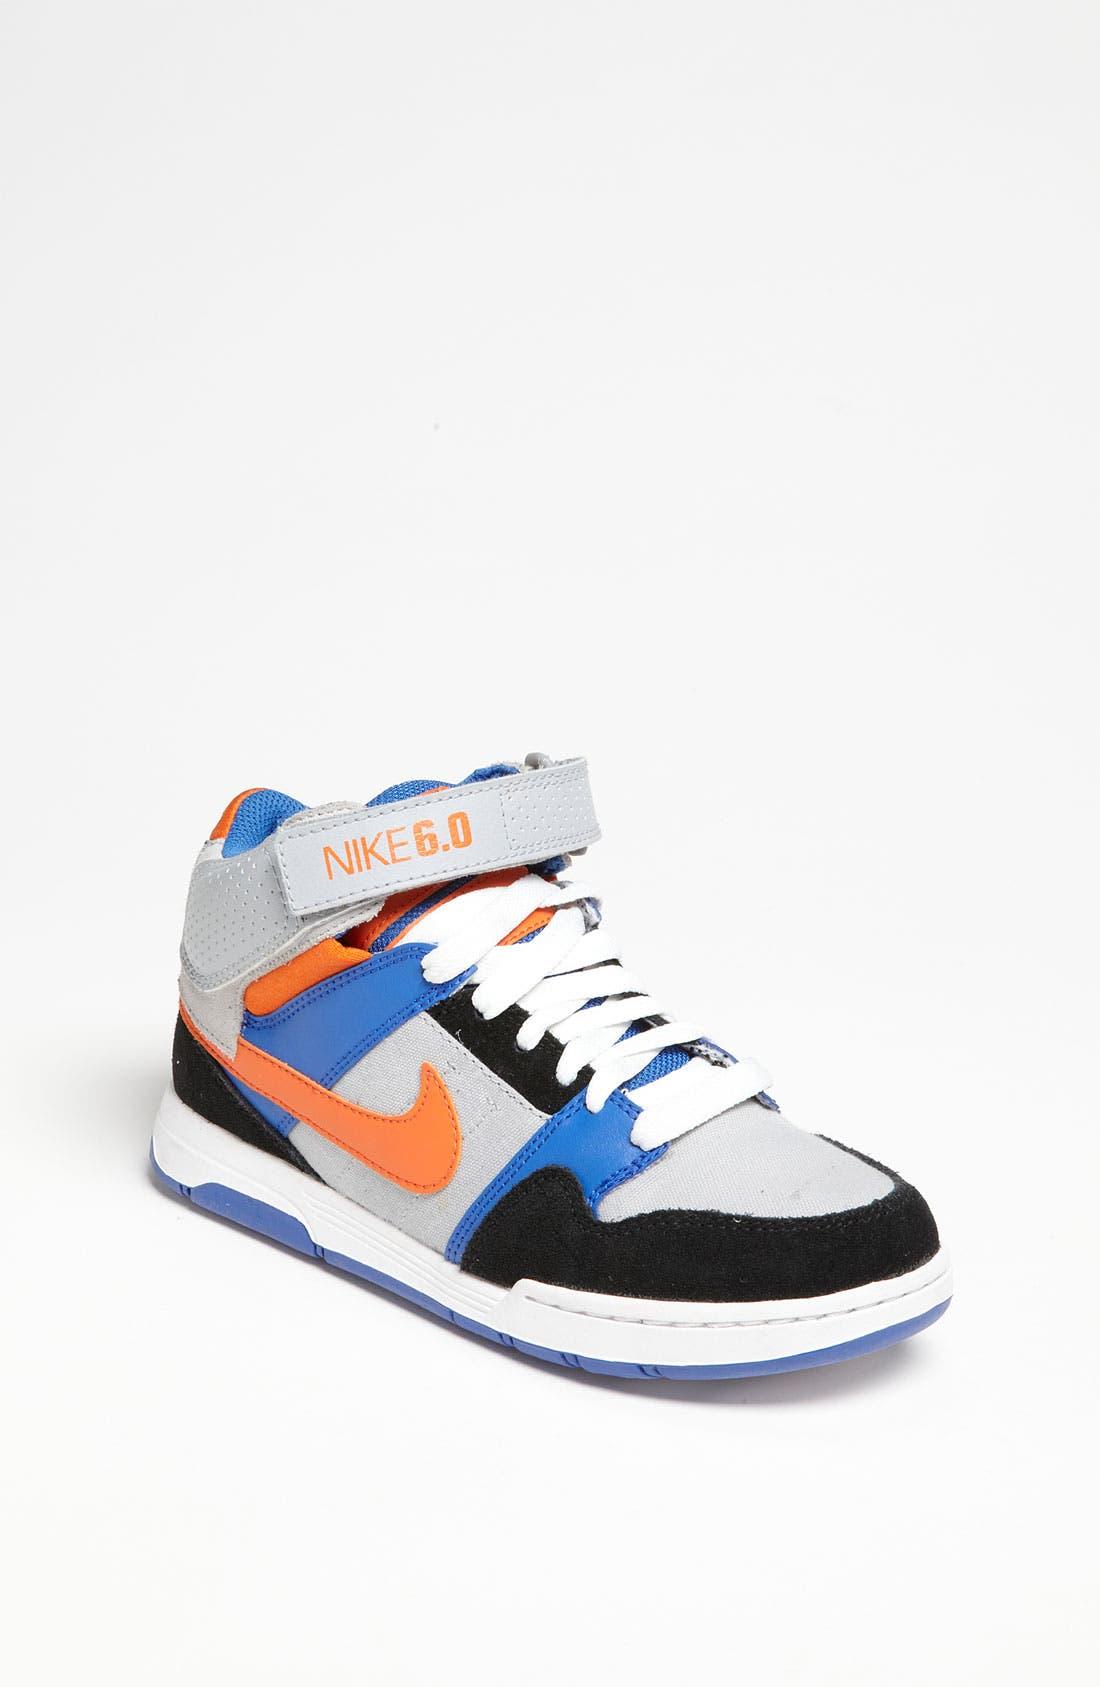 Alternate Image 1 Selected - Nike 6.0 'Mogan Mid 2 Jr.' Sneaker (Little Kid & Big Kid)